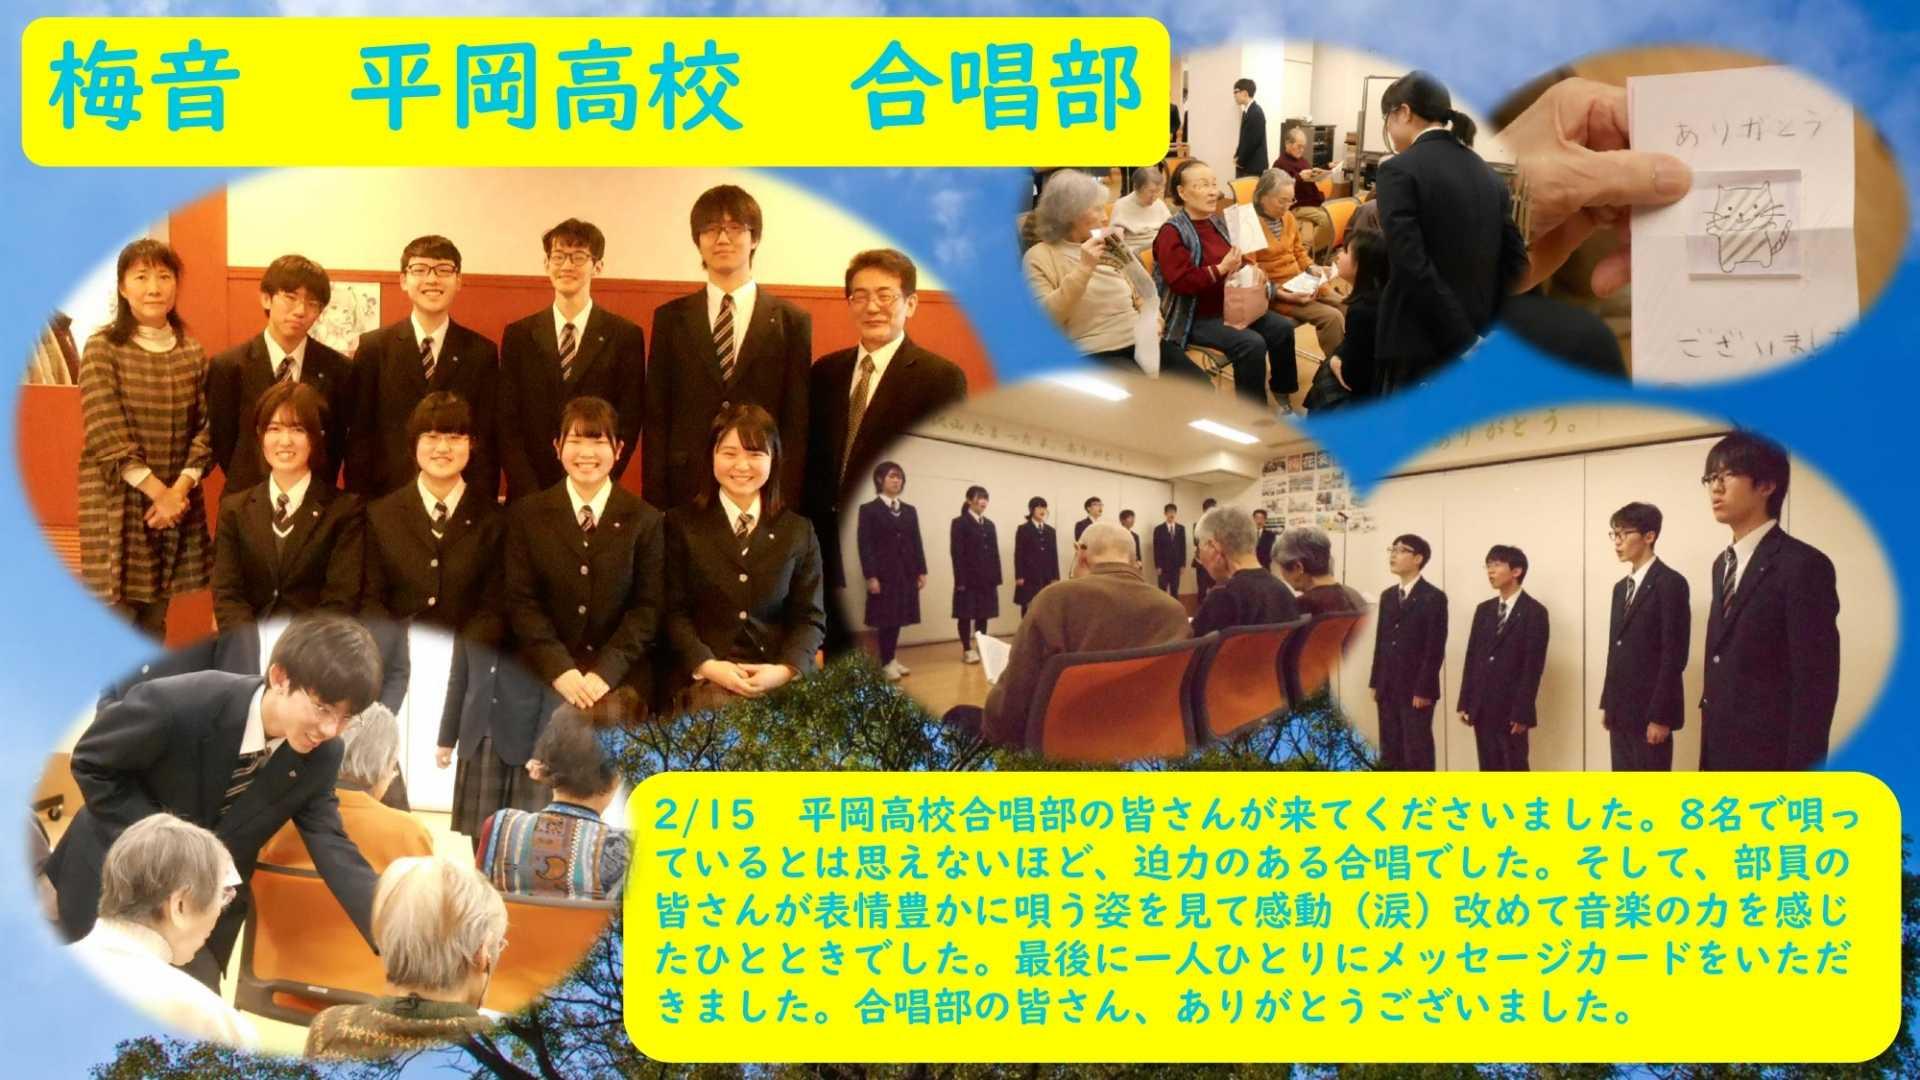 2月15日の第446回 梅花実音楽会(通称:梅音)では、平岡高校の合唱部の皆さんに来て頂き、音楽の力を感じました。